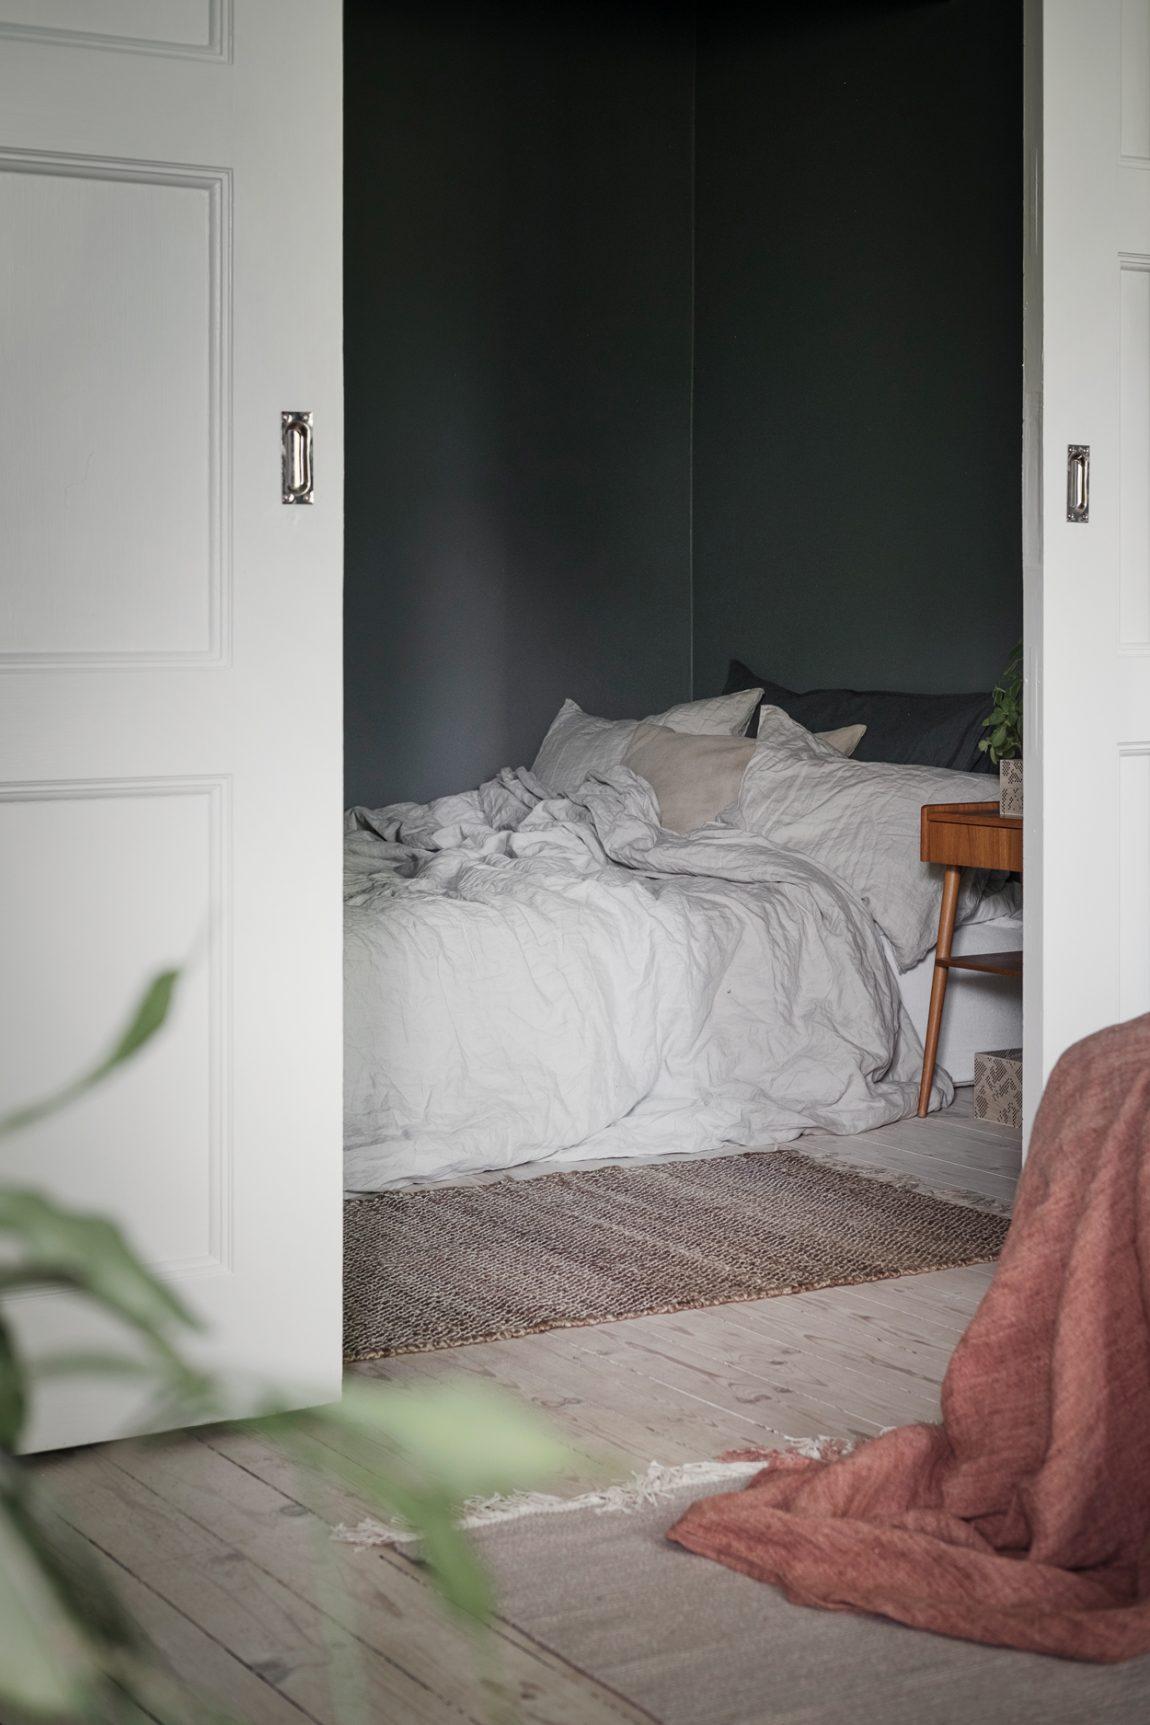 Deze mooie slaapkamer zit verschuild achter prachtige ensuite deuren!